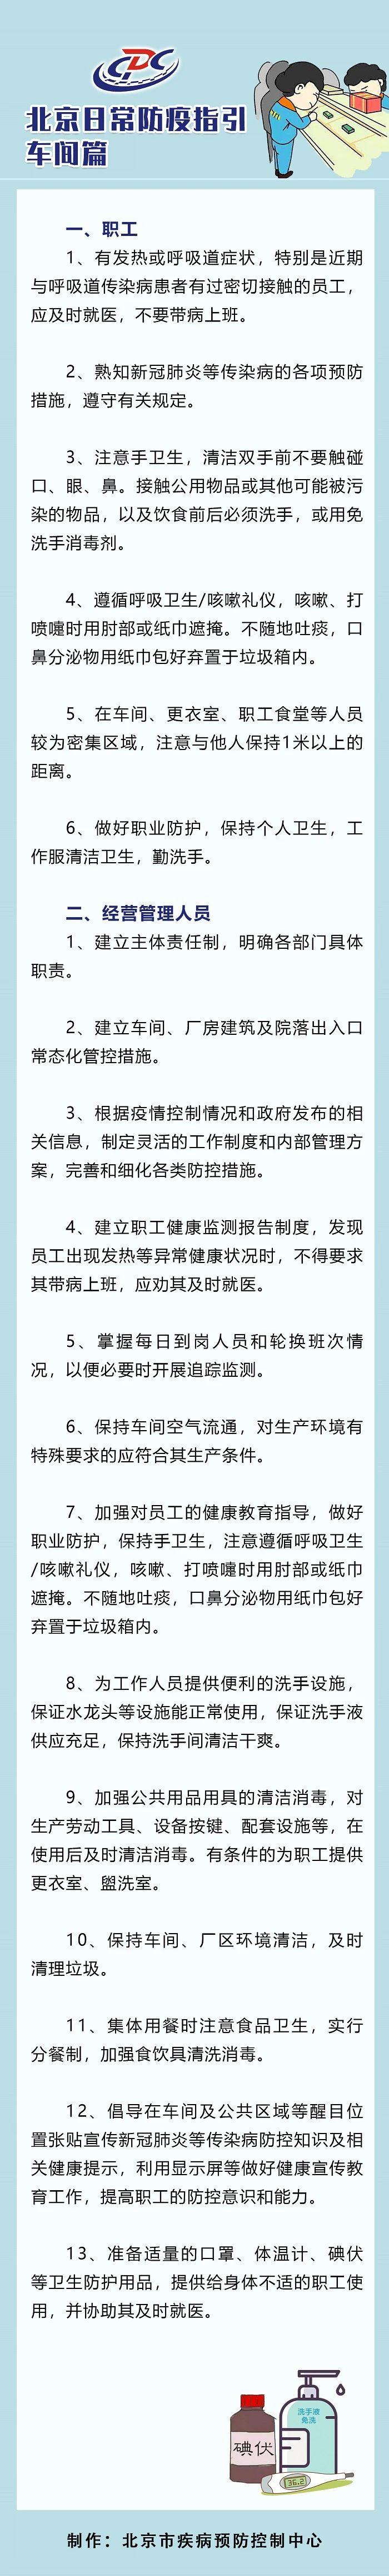 北京日常防疫指引图片